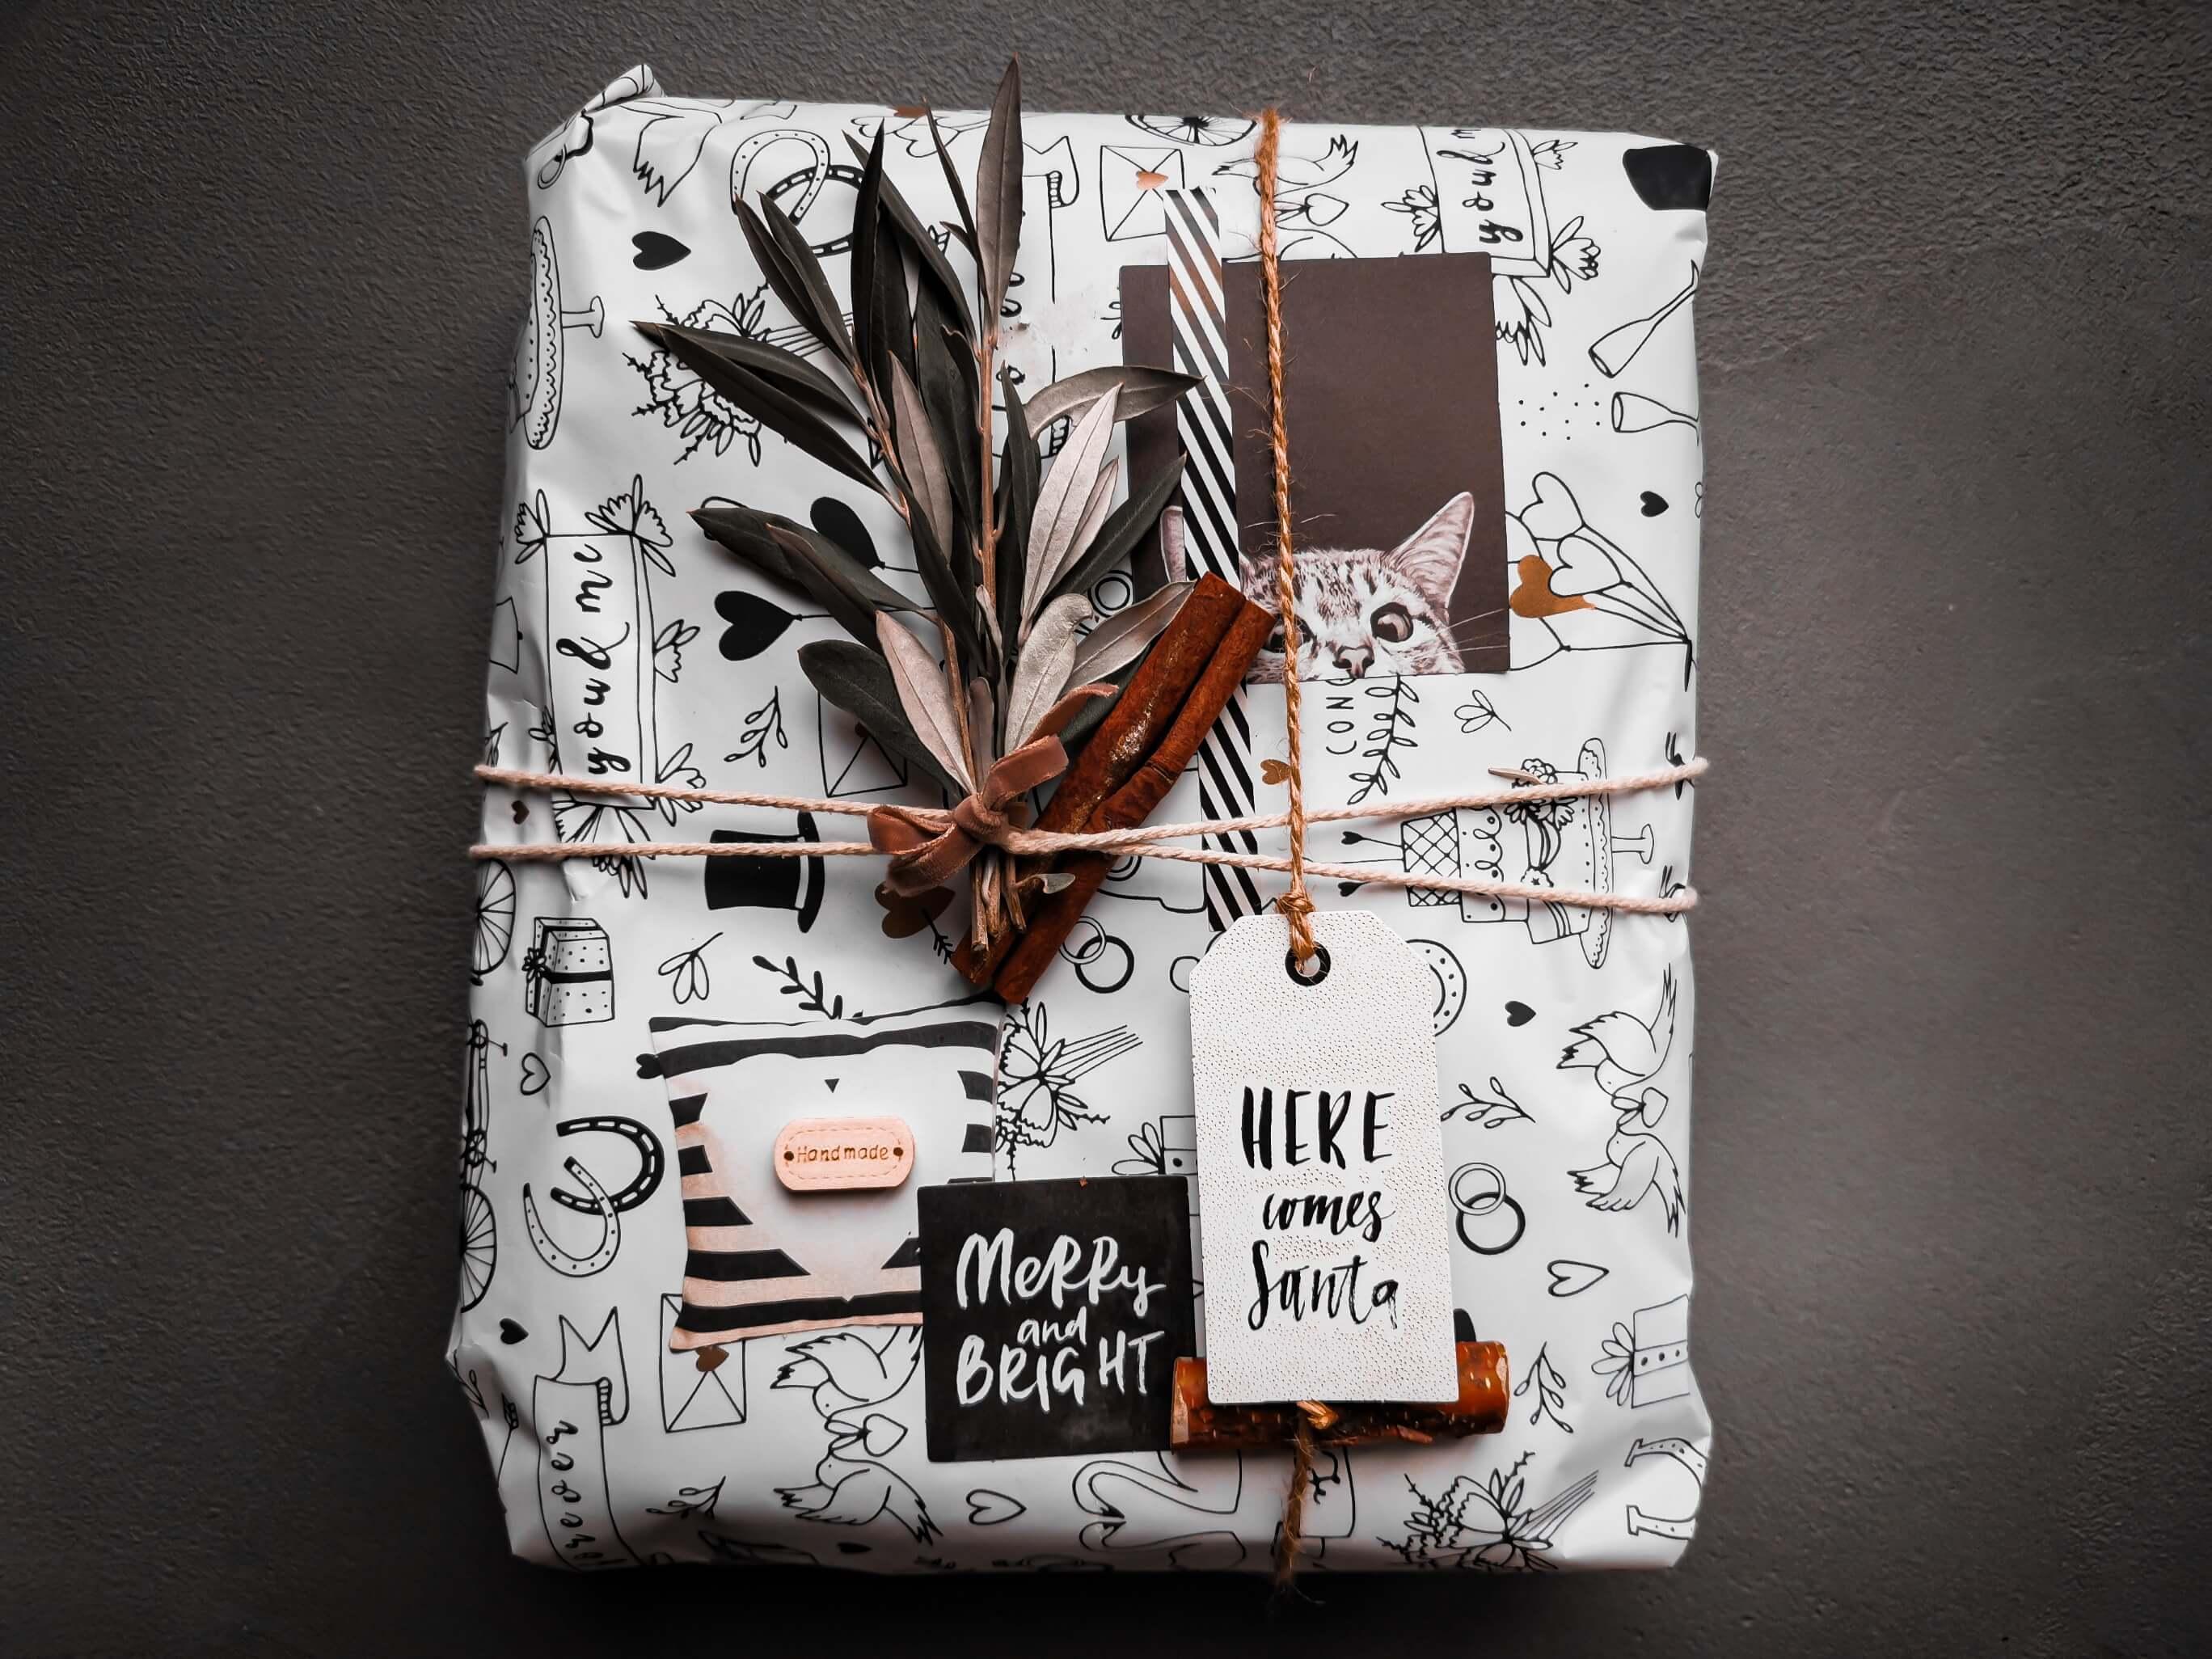 IMG 20191207 112632 resized 20191208 060253348 - 11 tipov ako zabaliť vianočné darčeky originálne a kreatívne